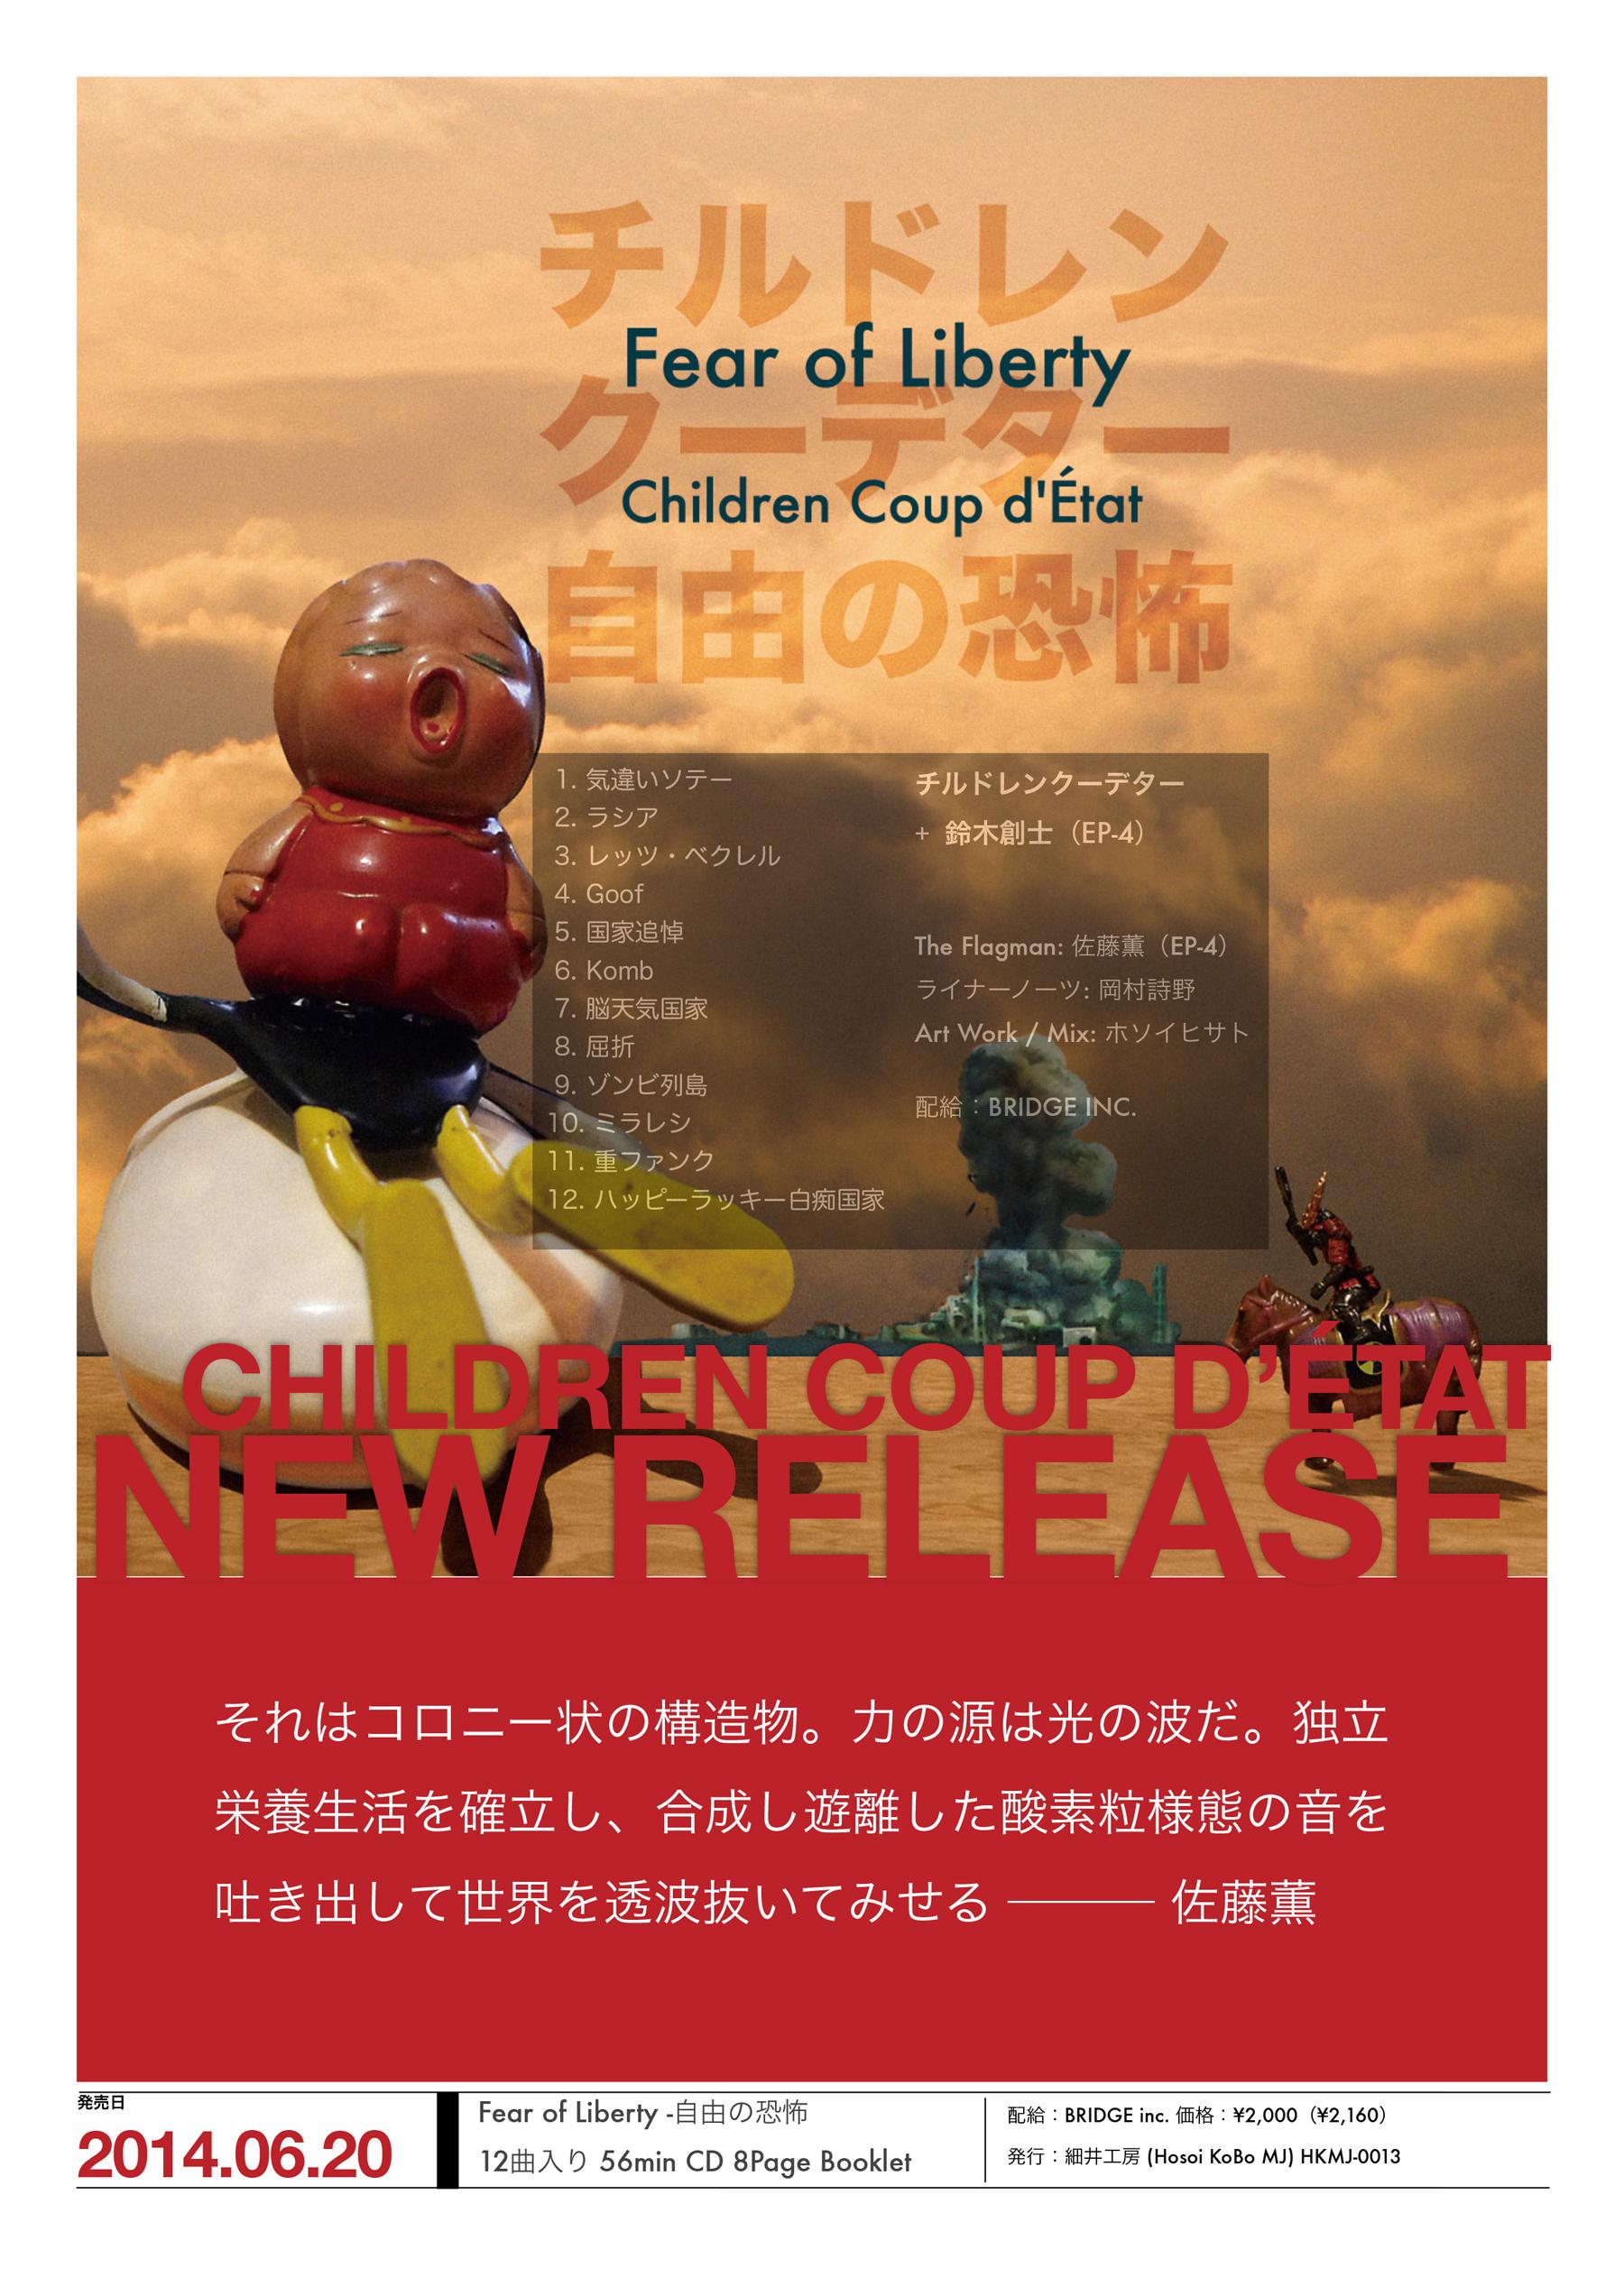 「自由の恐怖」A4チラシ